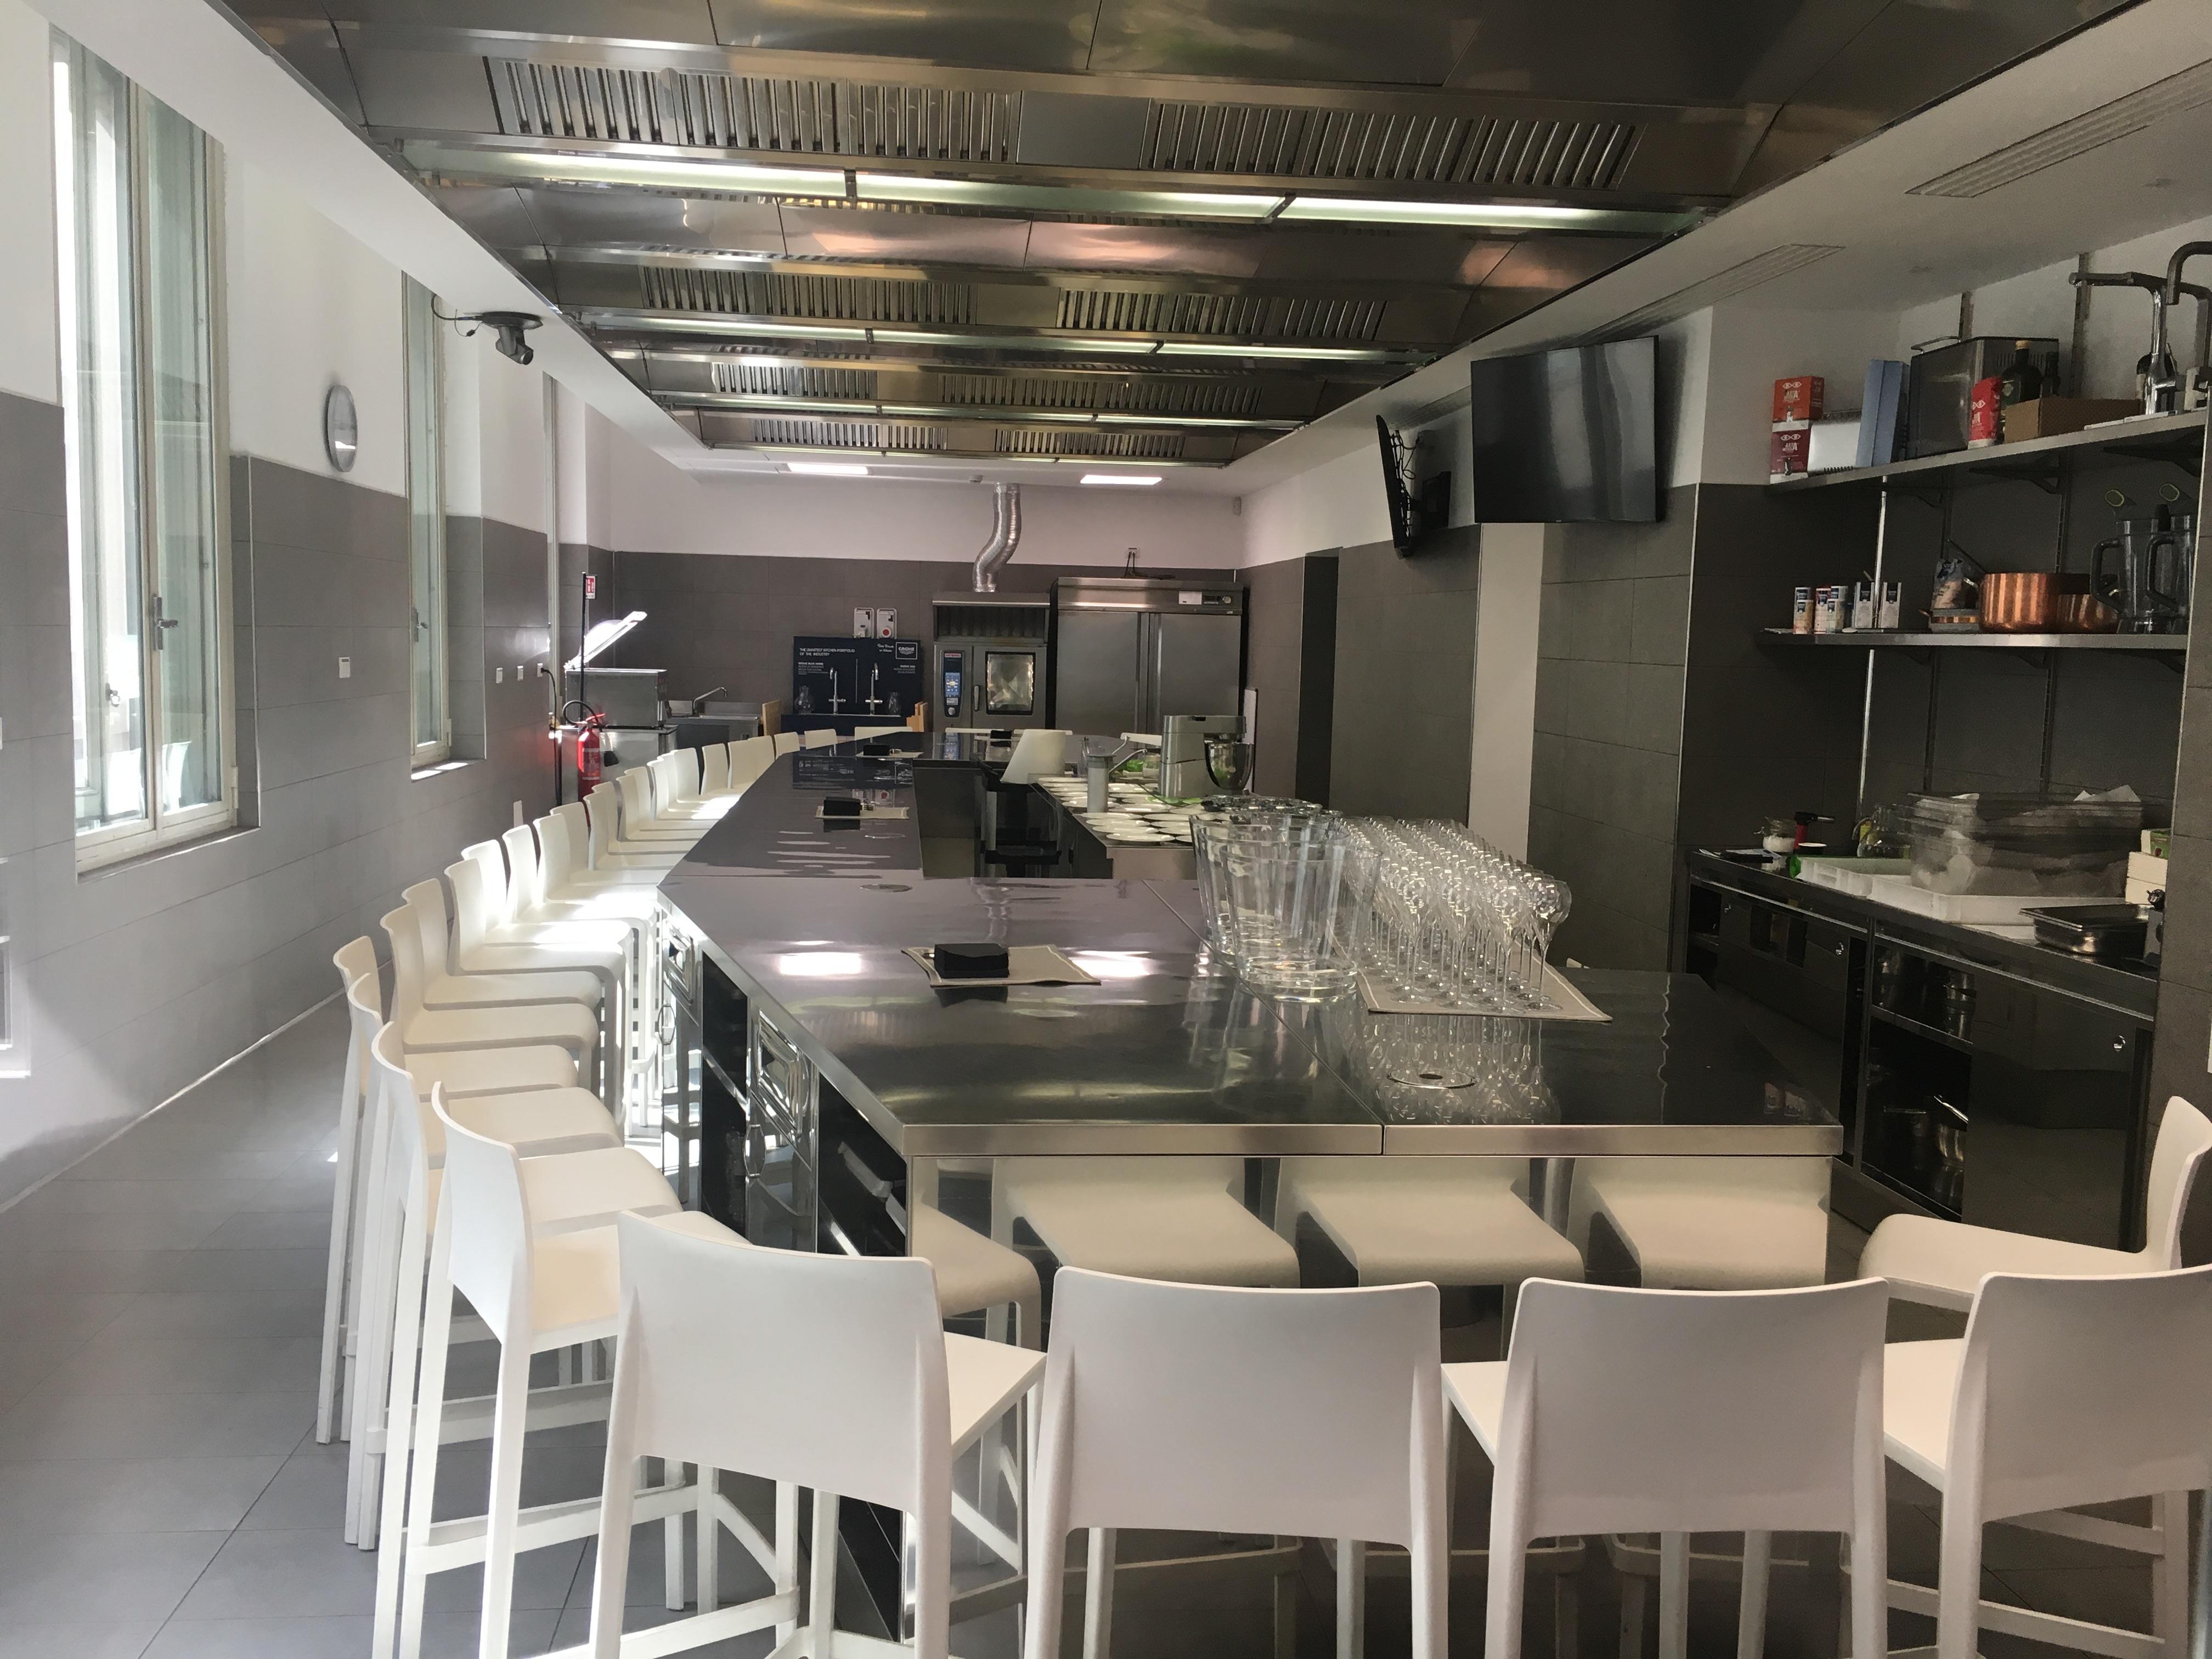 le bollicine di bisol alla scuola de la cucina italiana cucina svago. Black Bedroom Furniture Sets. Home Design Ideas